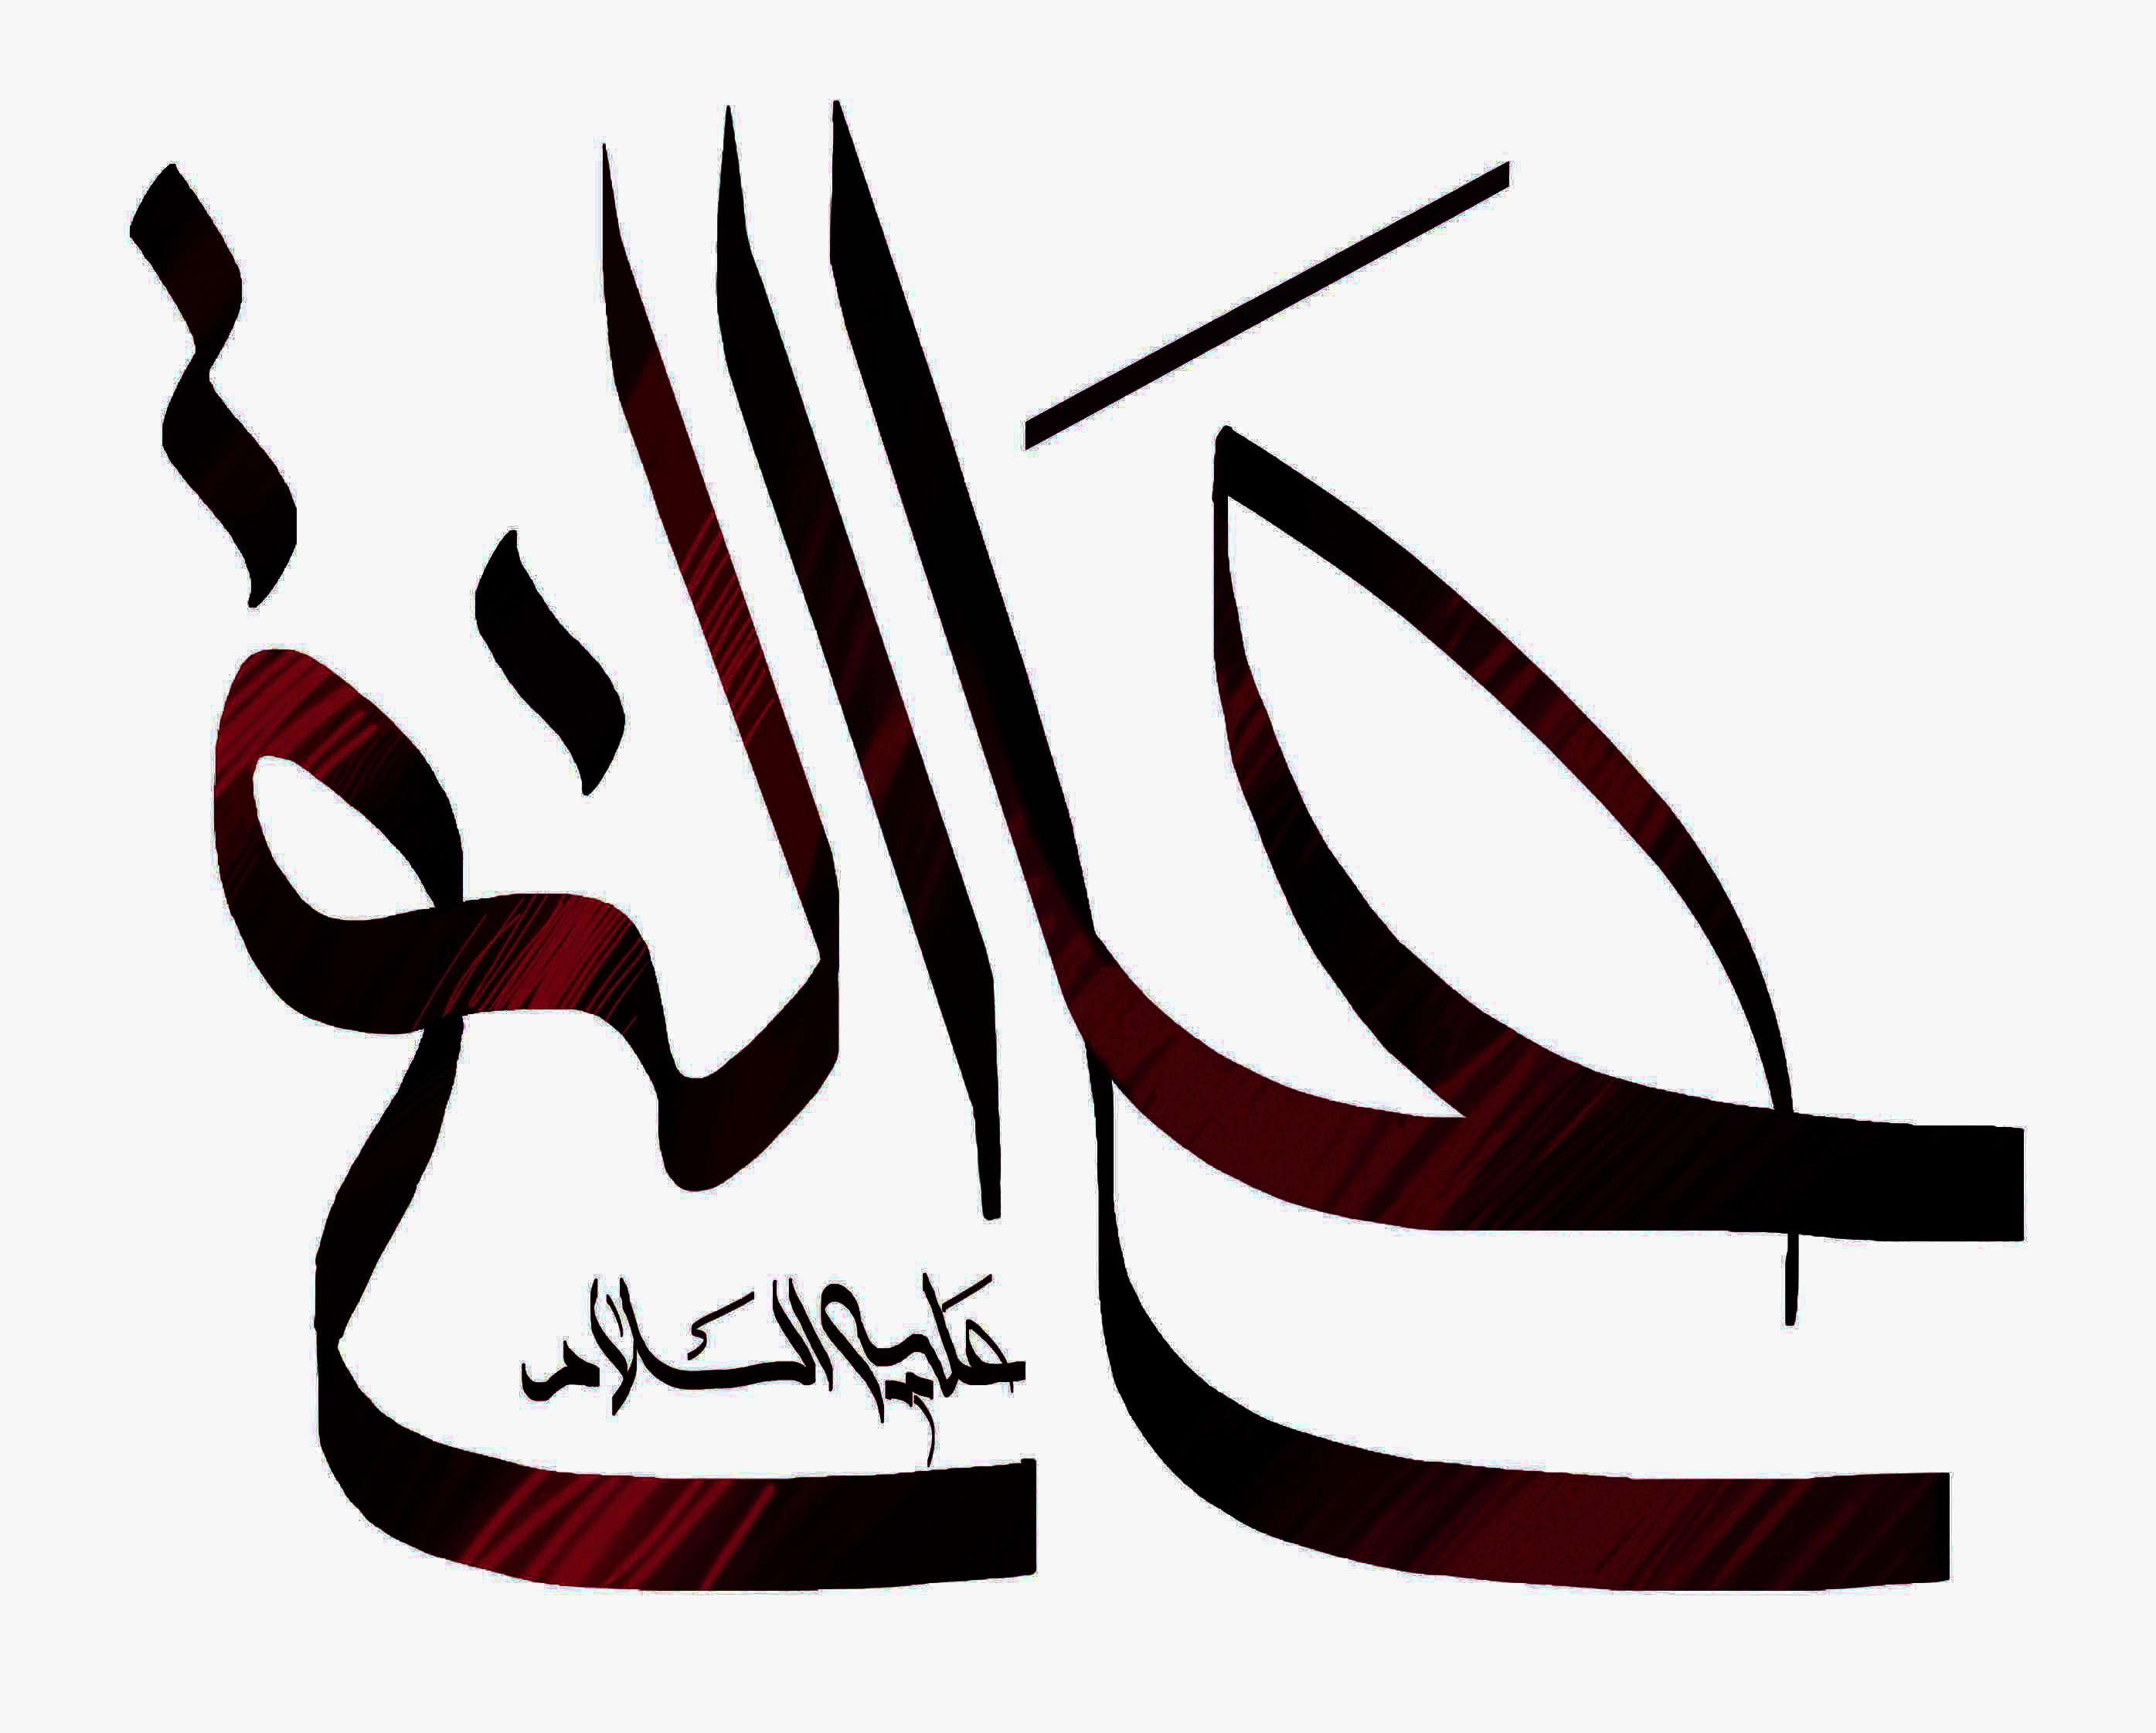 http://s1.picofile.com/file/7354931498/imam_imam.jpg